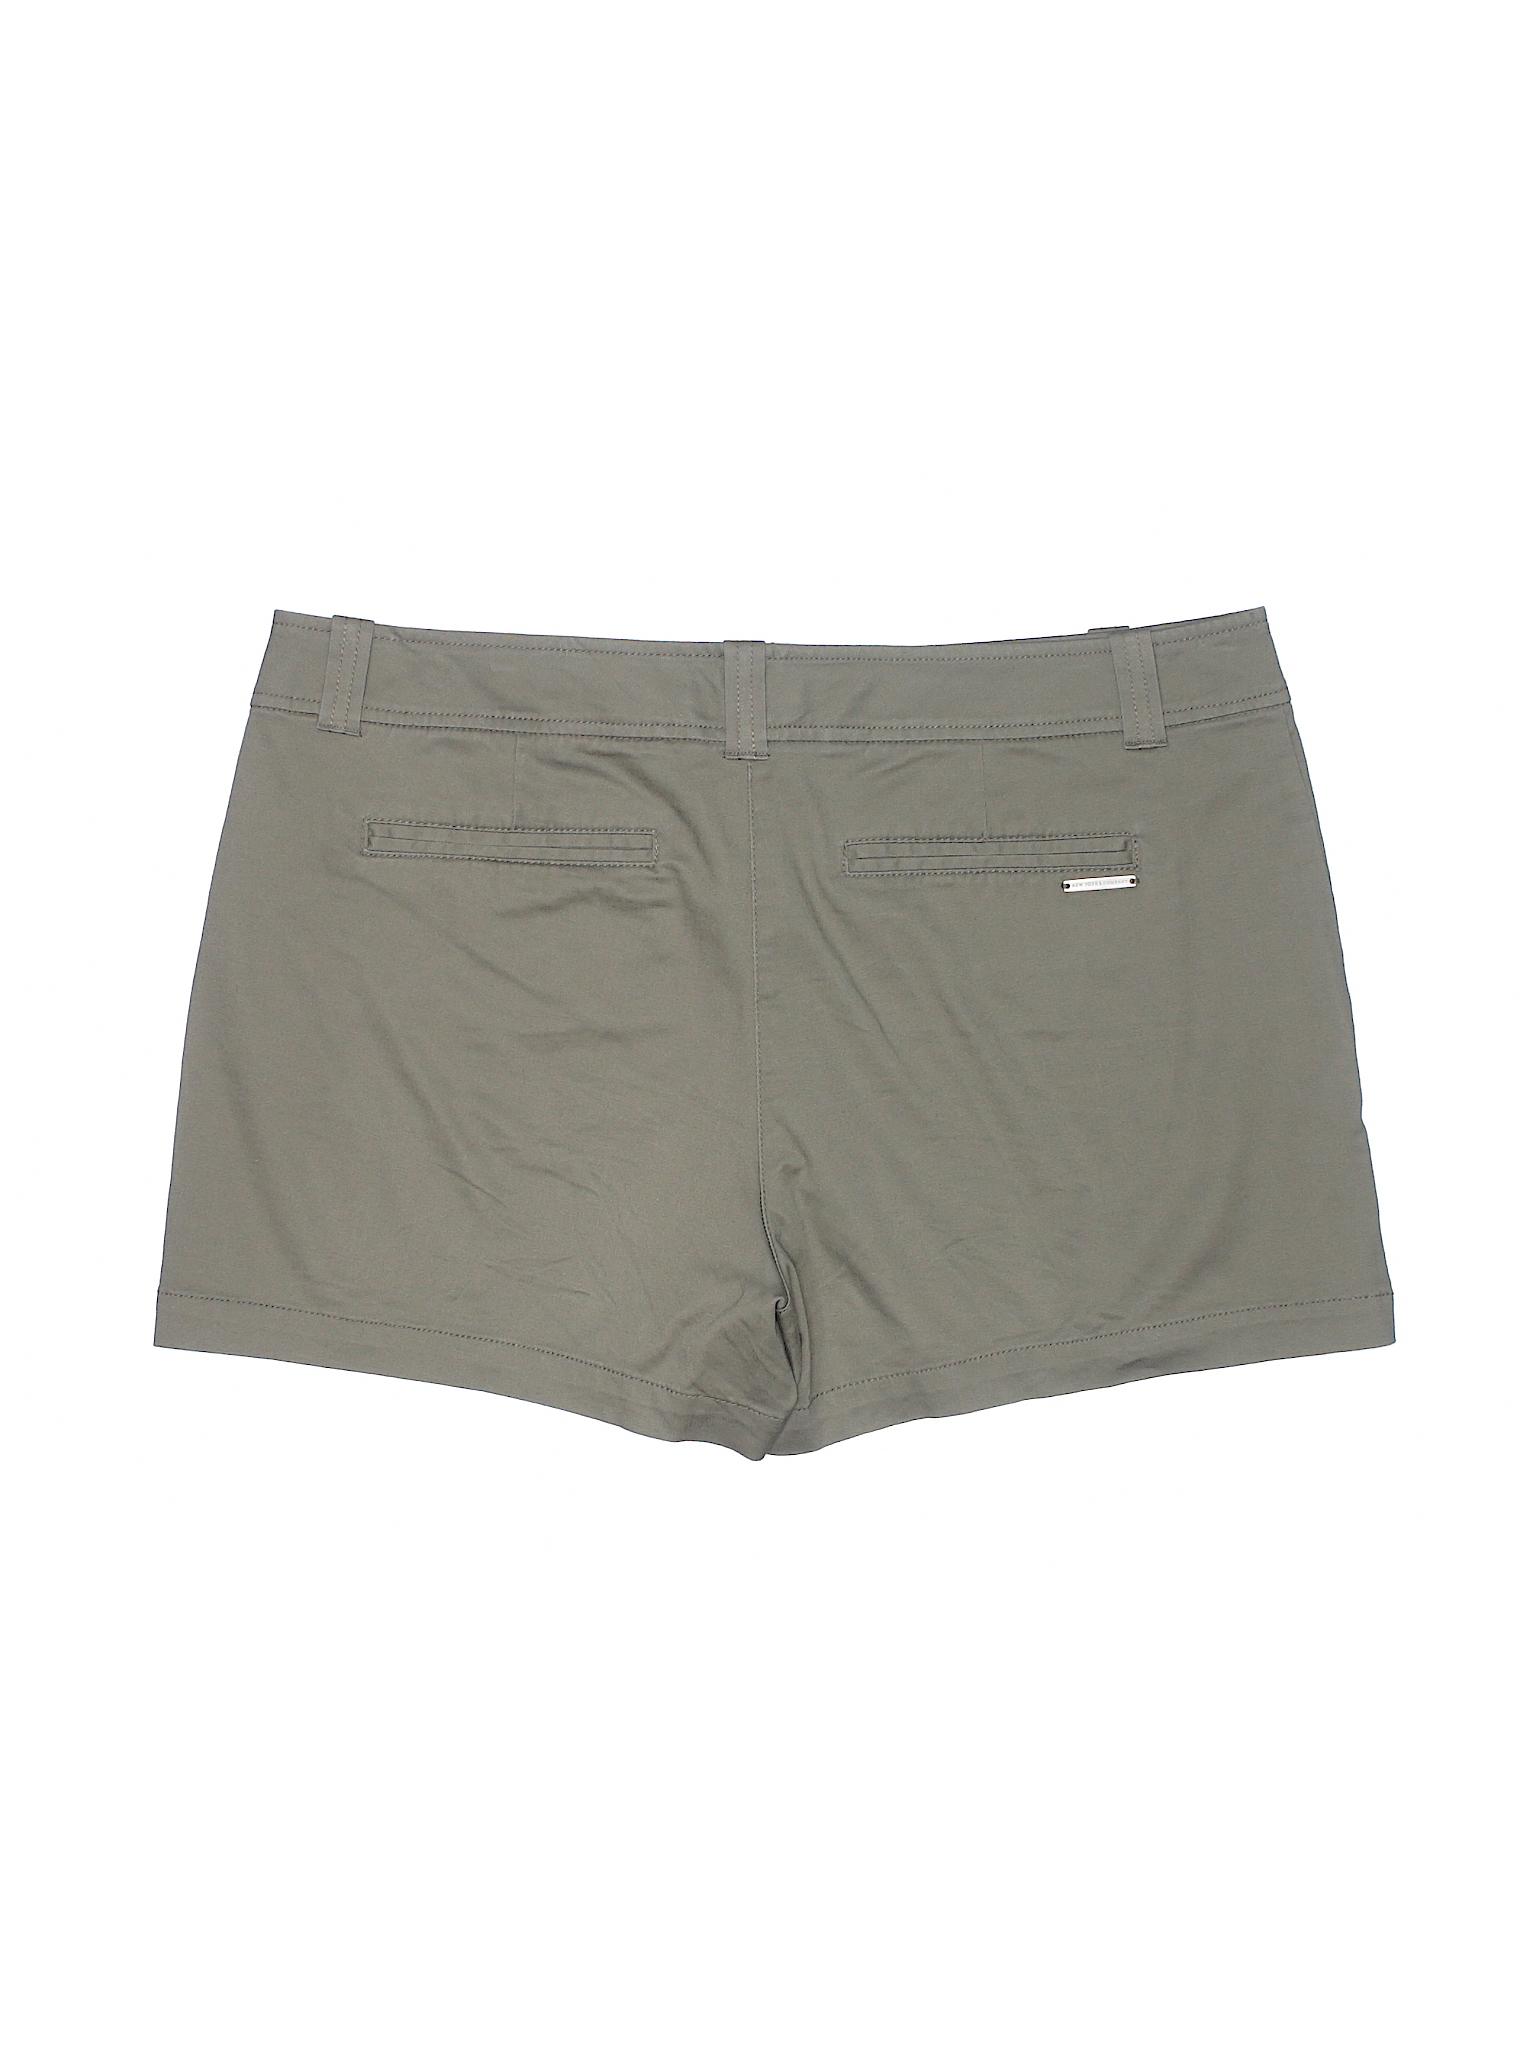 York Company Boutique amp; New Khaki Shorts pqF5x5Ytw